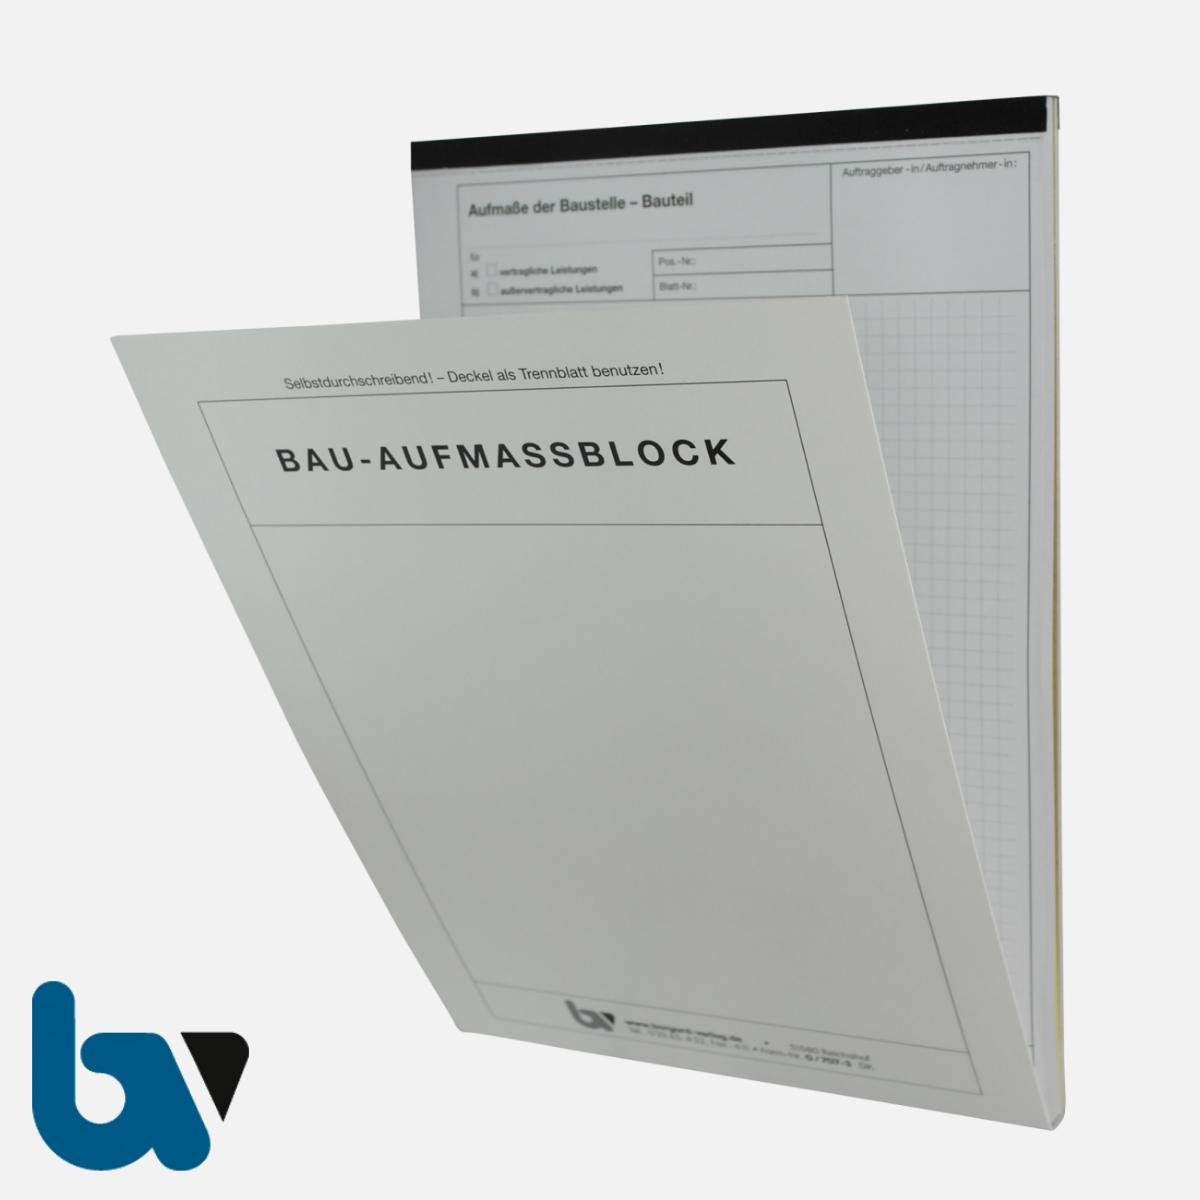 0/707-3 Bauaufmassblock Baustelle Bauteil selbstdurchschreibend Einschlagdeckel Durchschreibeschutz Schreibschutzdeckel perforiert DIN A4 Vorderseite | Borgard Verlag GmbH